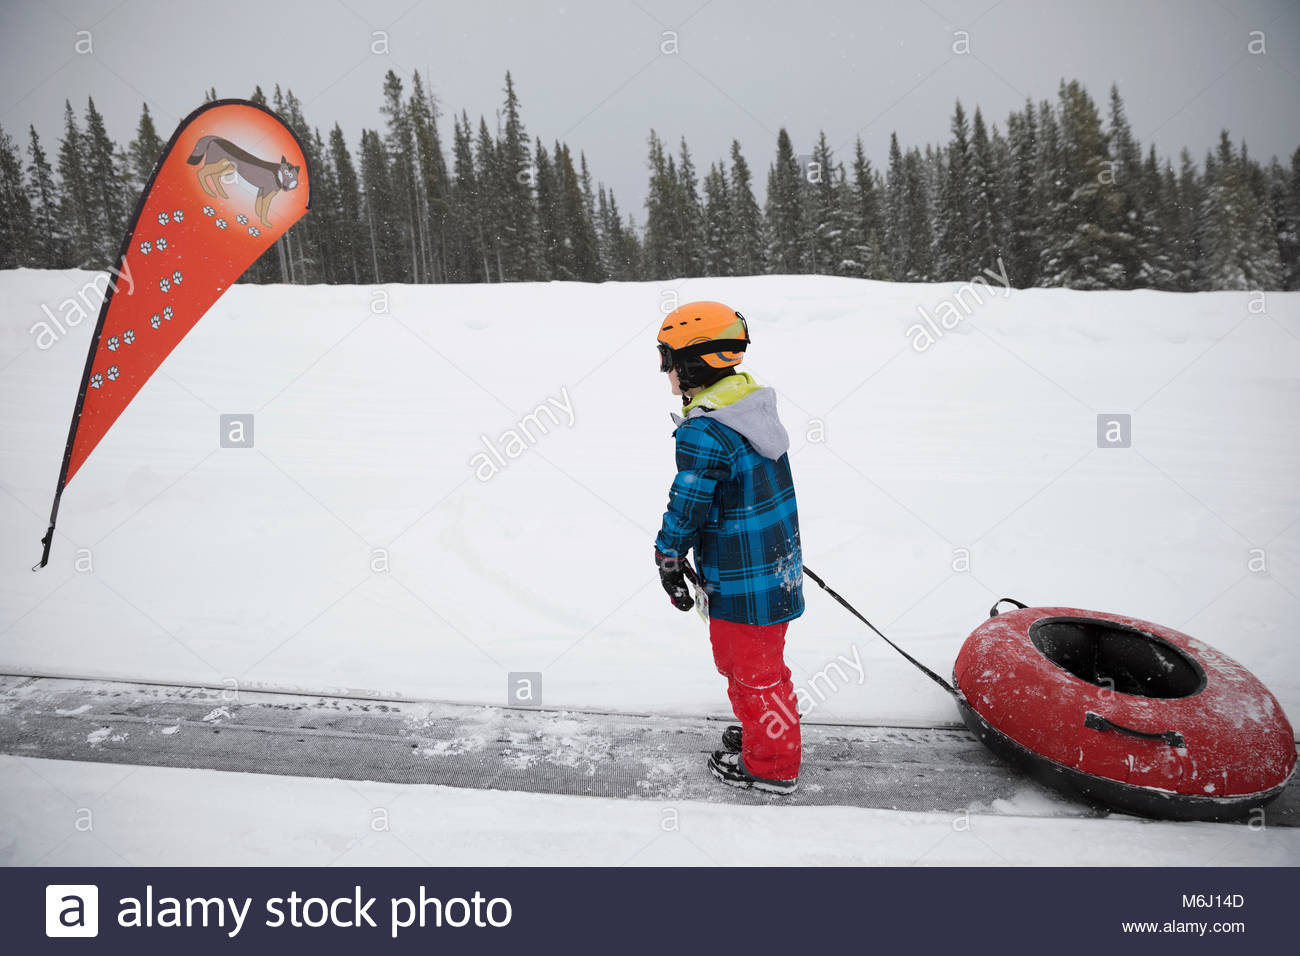 Junge ziehen Innenrohr im Schnee bei Snow park Stockbild